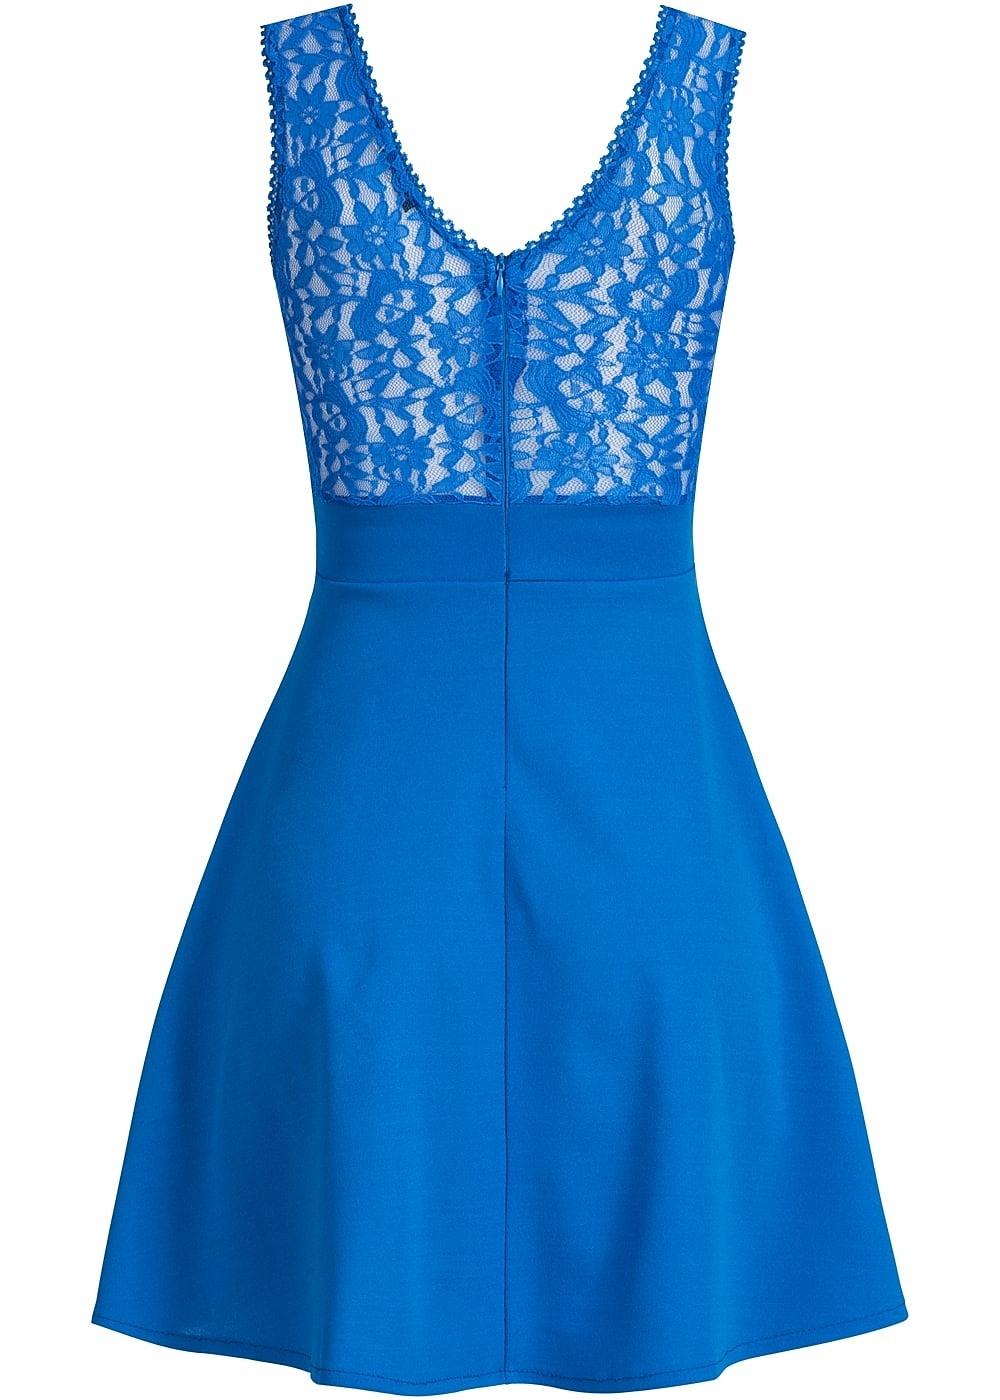 Designer Schön Kleid Spitze Blau Vertrieb13 Luxurius Kleid Spitze Blau Boutique